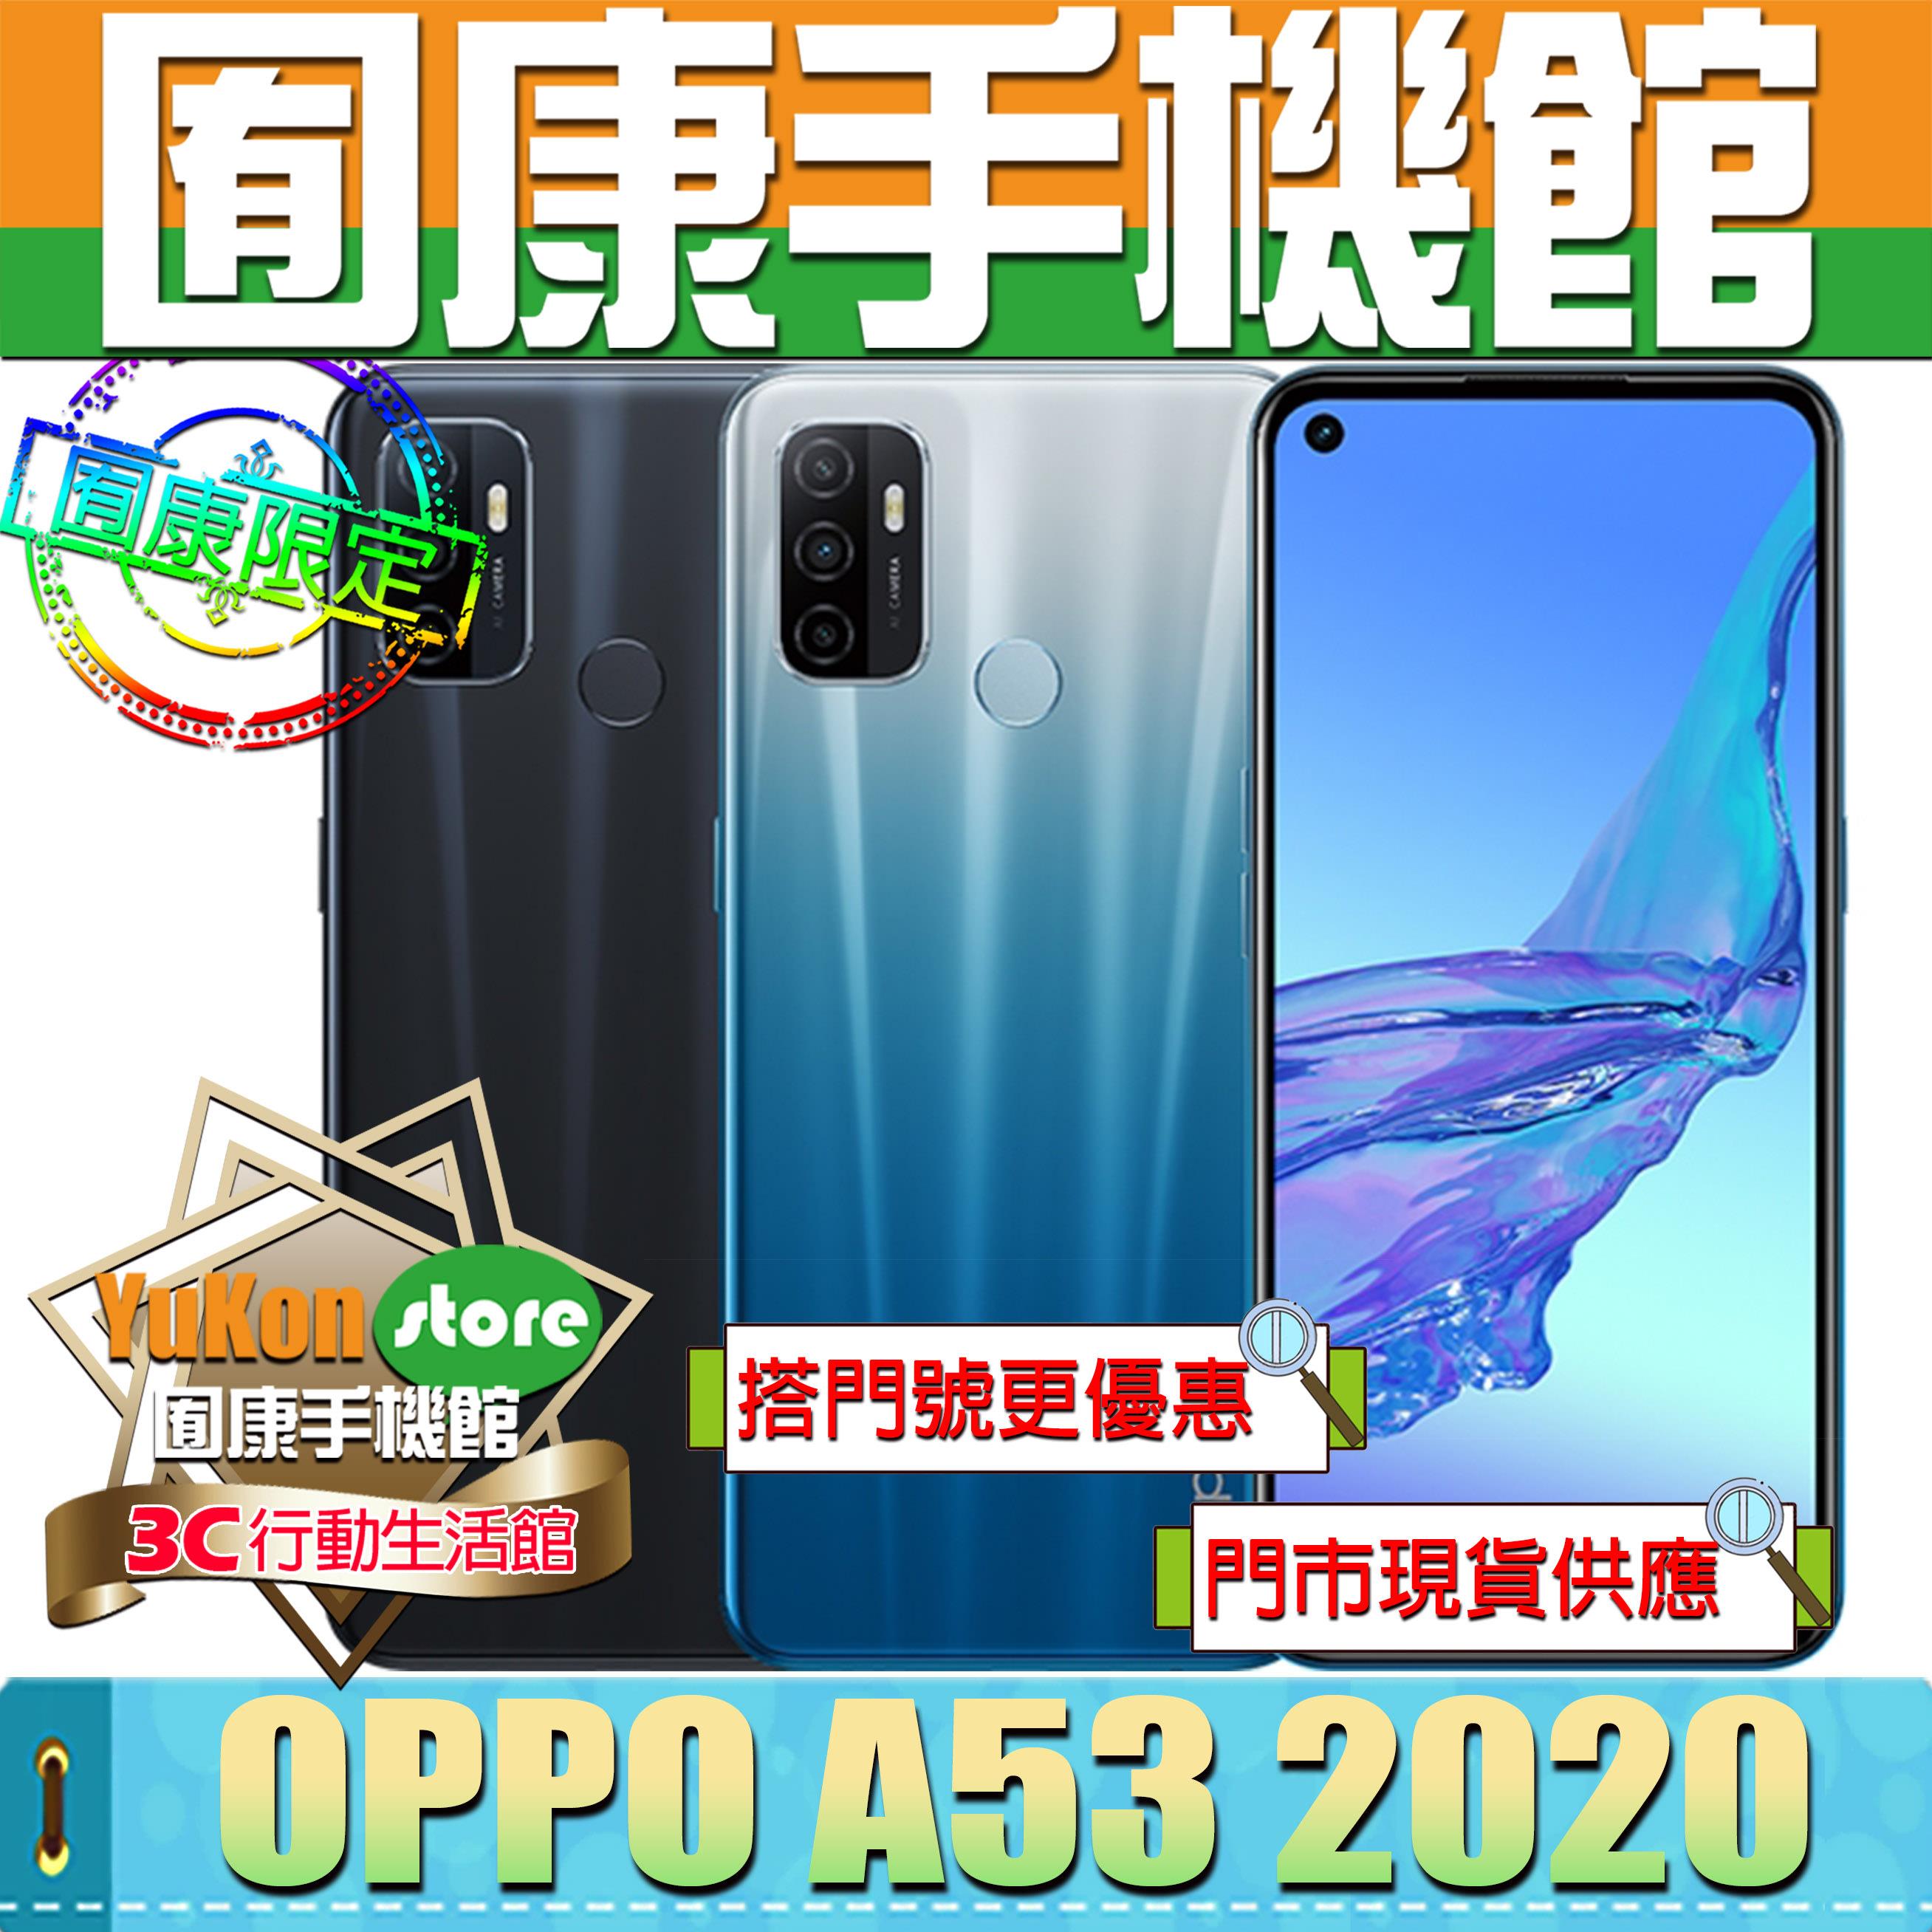 ※囿康手機館※ OPPO A53 2020 (6.5吋) 6GB/64GB 台灣公司貨 空機價